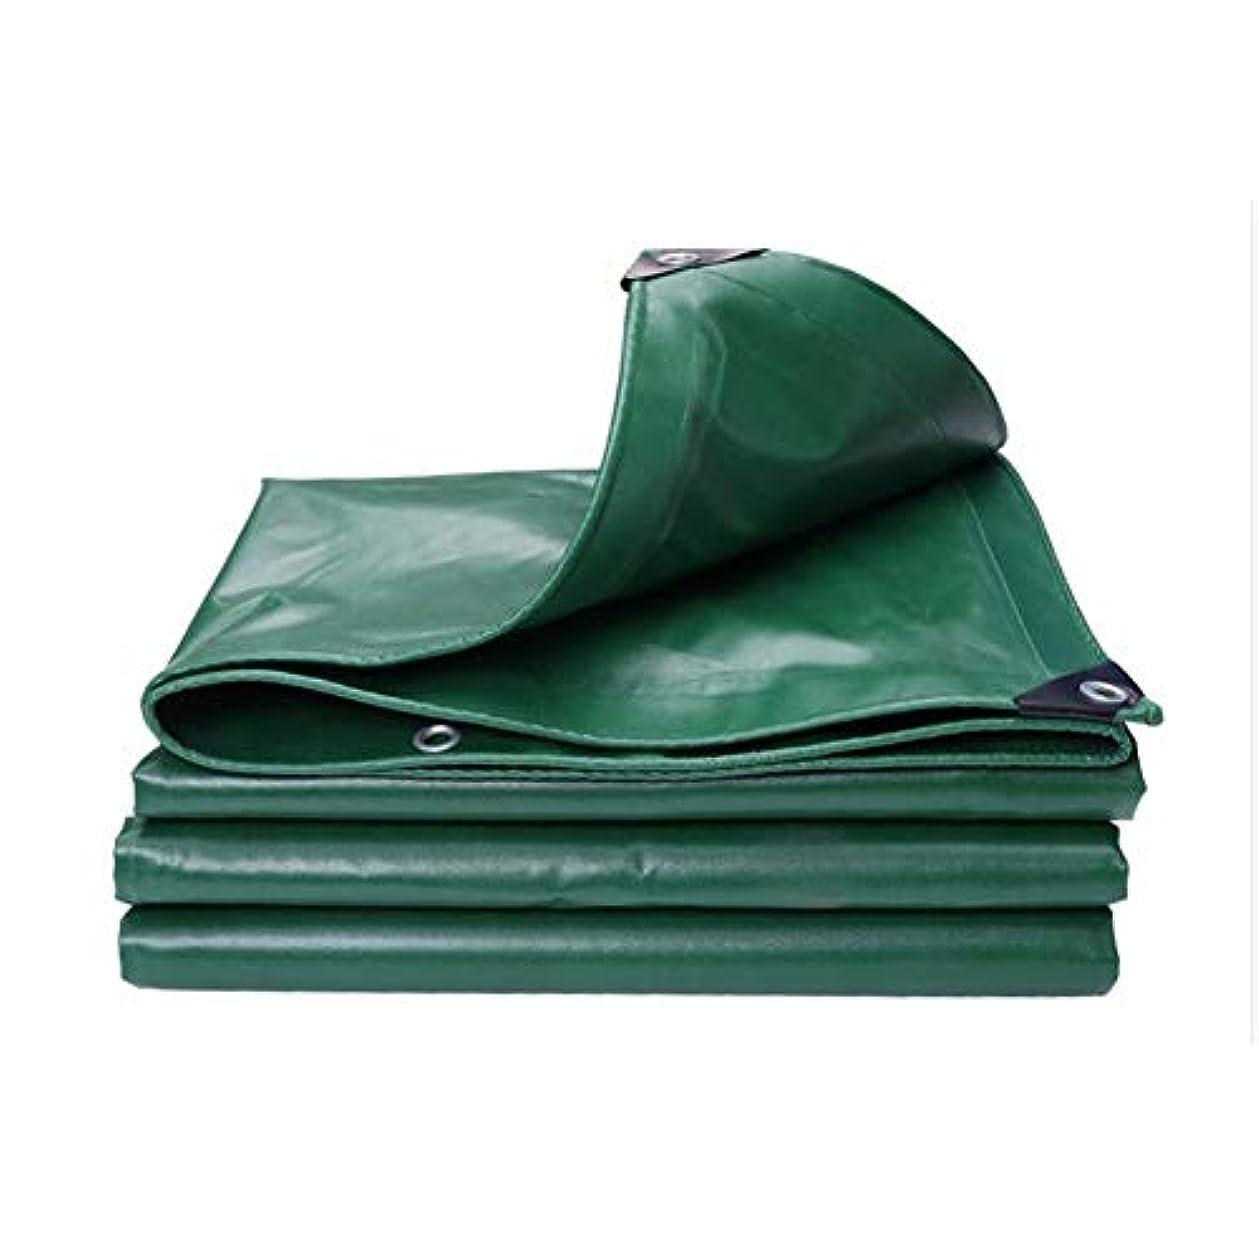 結論胸あなたのものXF ターポリン防雨布肥厚日焼け止めトラックターポリンキャンバスサンシェードプラスチック布、利用可能なサイズの様々な アウトドアキャンプ用品 (Size : 2X2m)